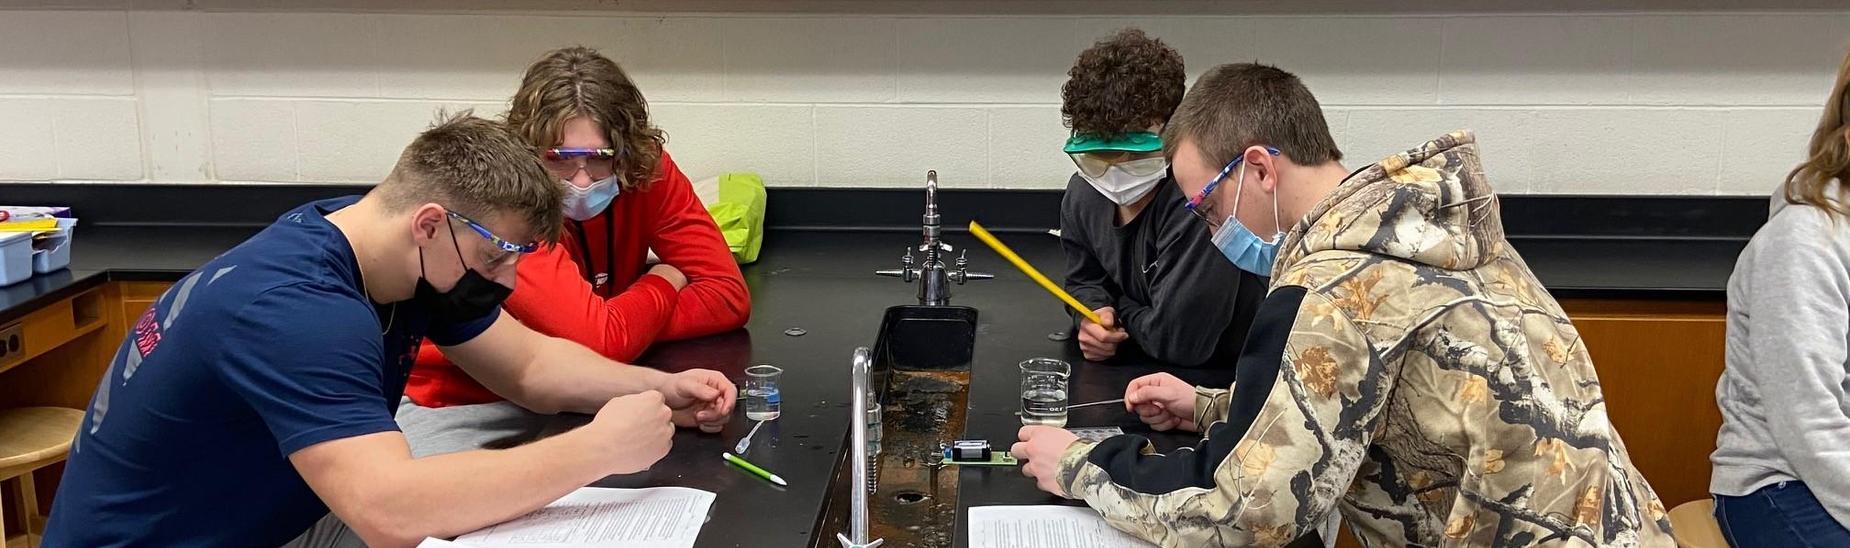 11th Grade Chemistry 20-21